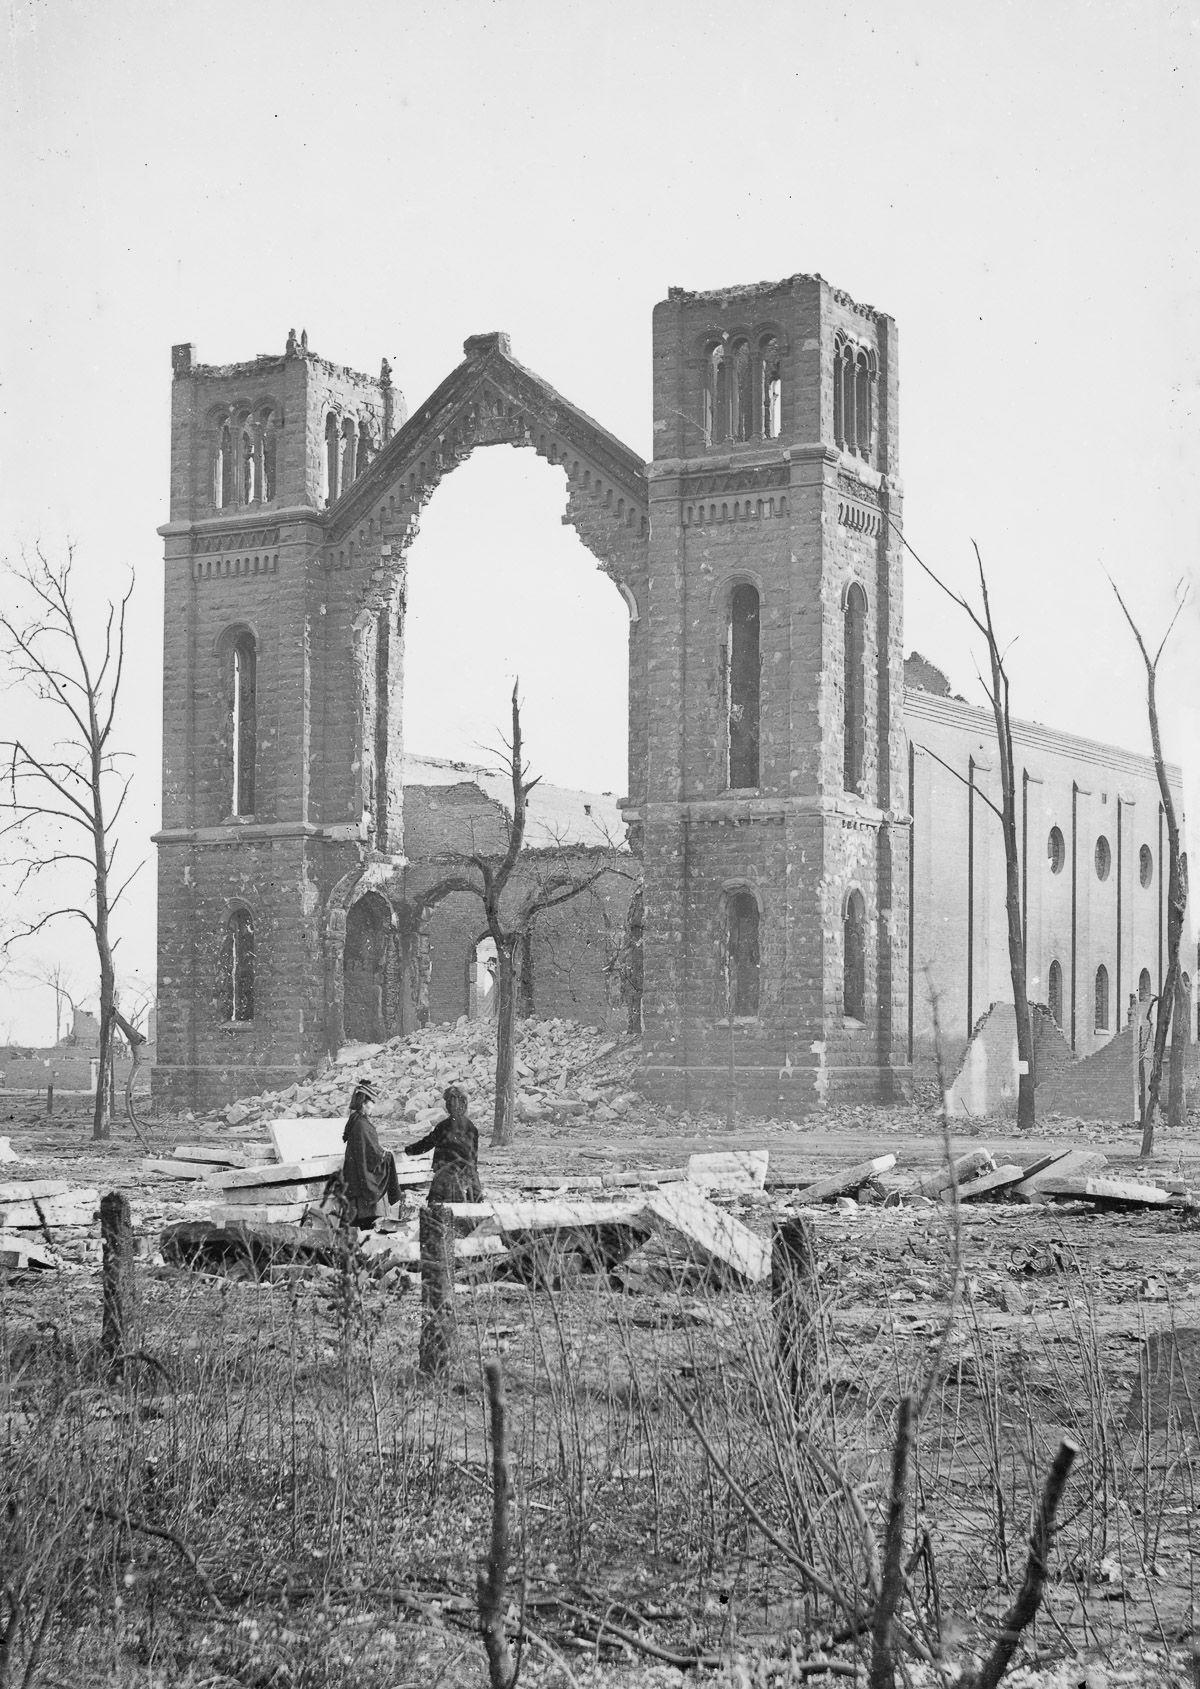 芝加哥的三一教堂(Trinity Church)也被這場世紀大火燒毀。(Getty Images)